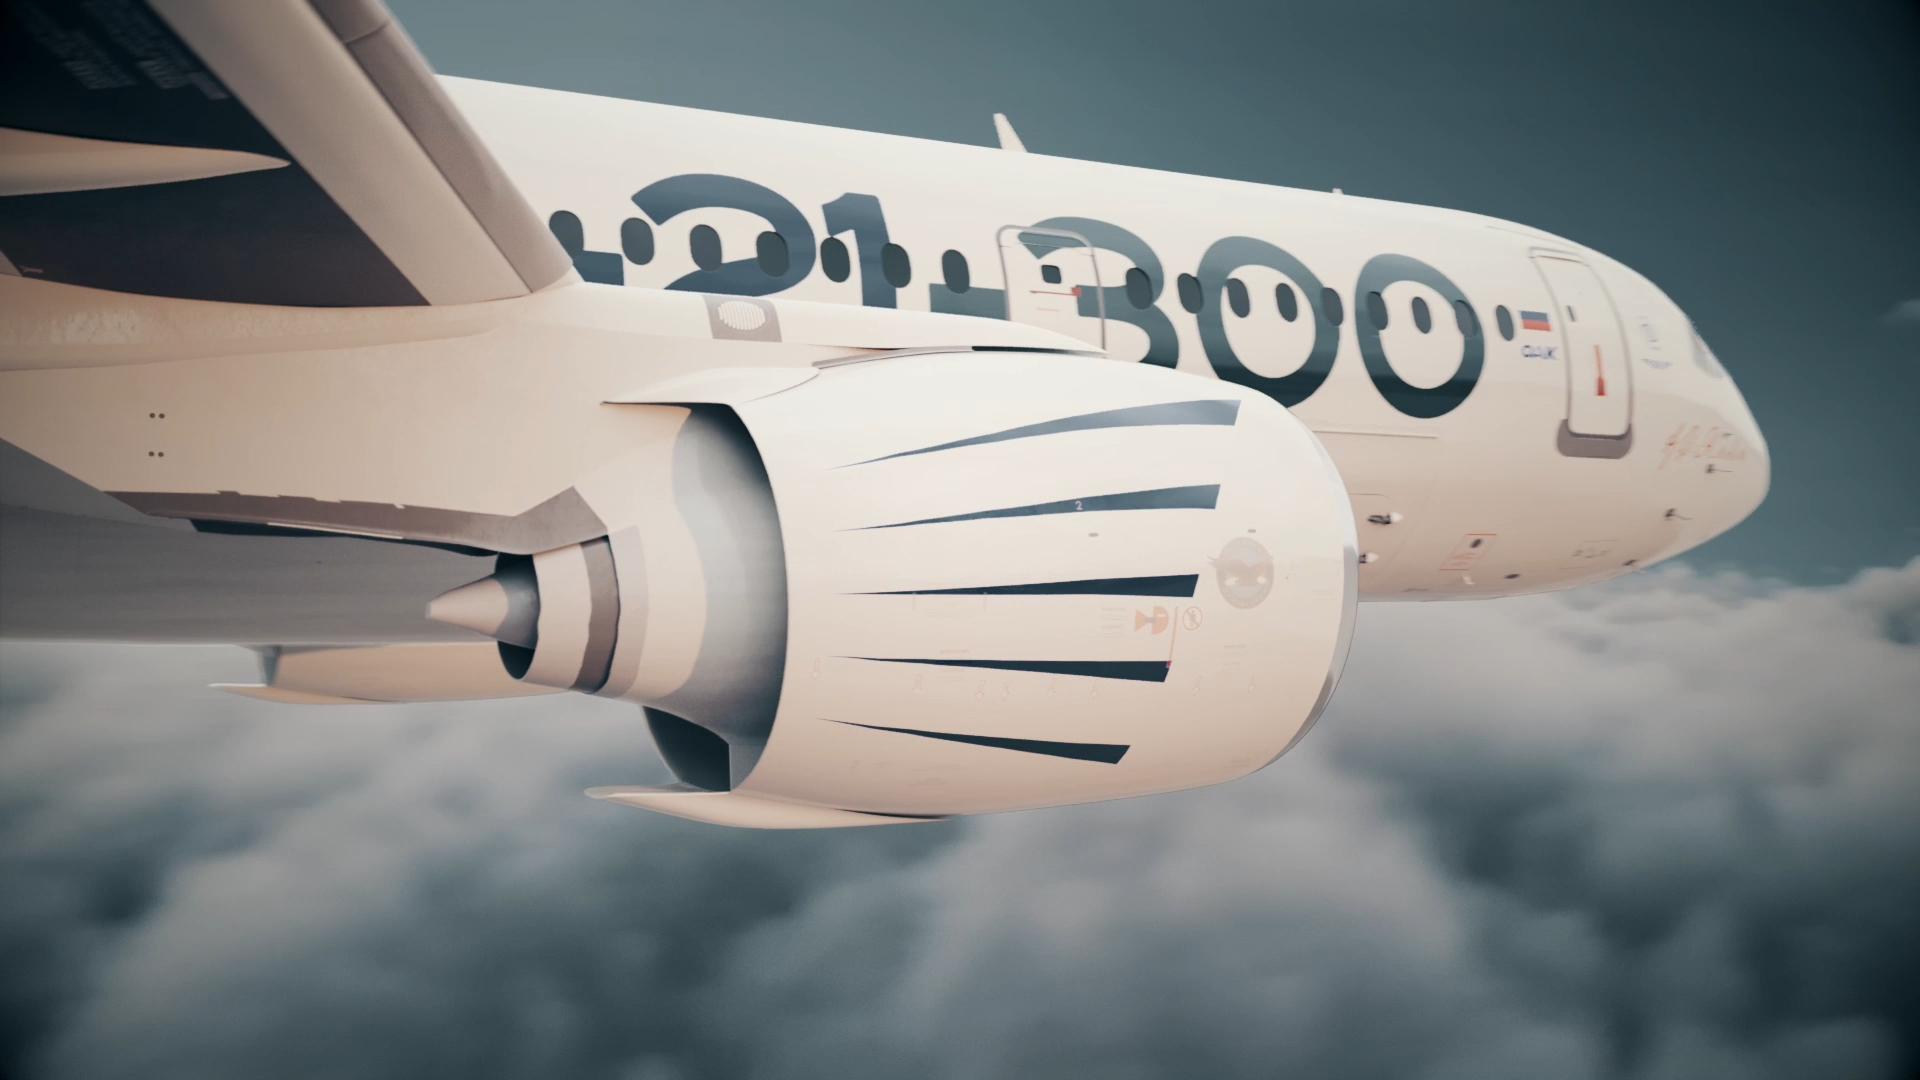 Самолет МС-21 (кадр из 3д-анимации)